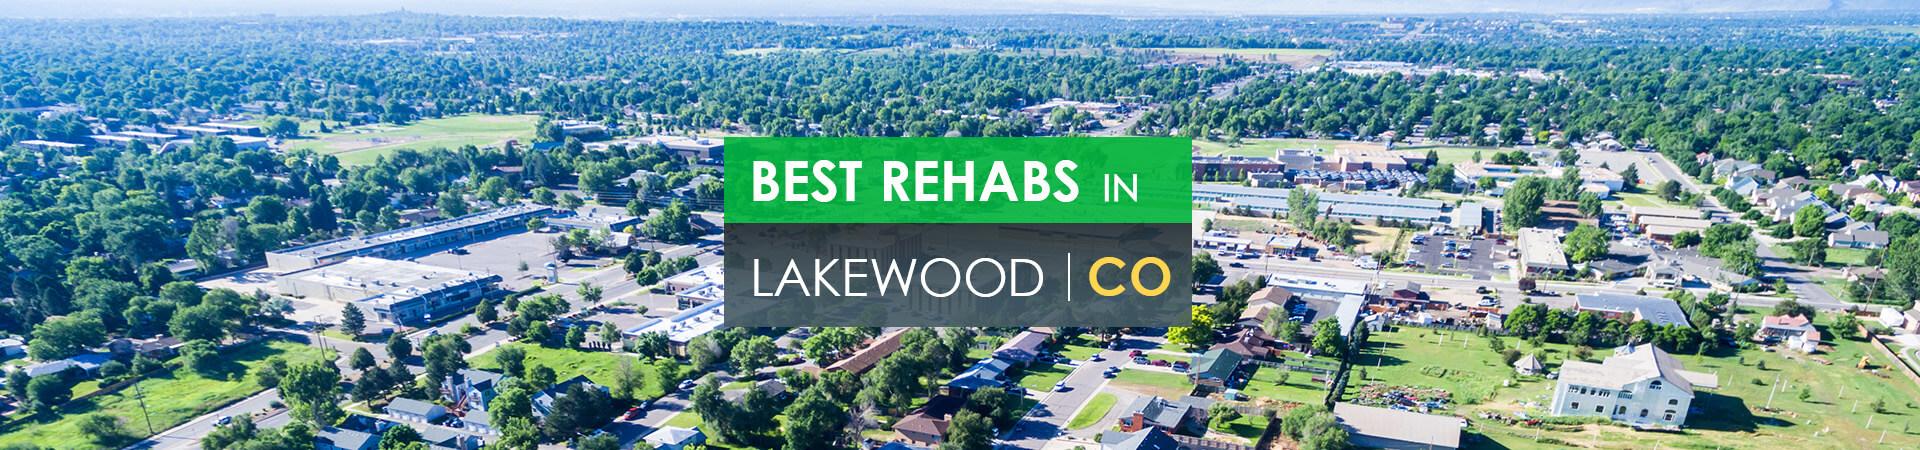 Best rehabs in Lakewood, CO